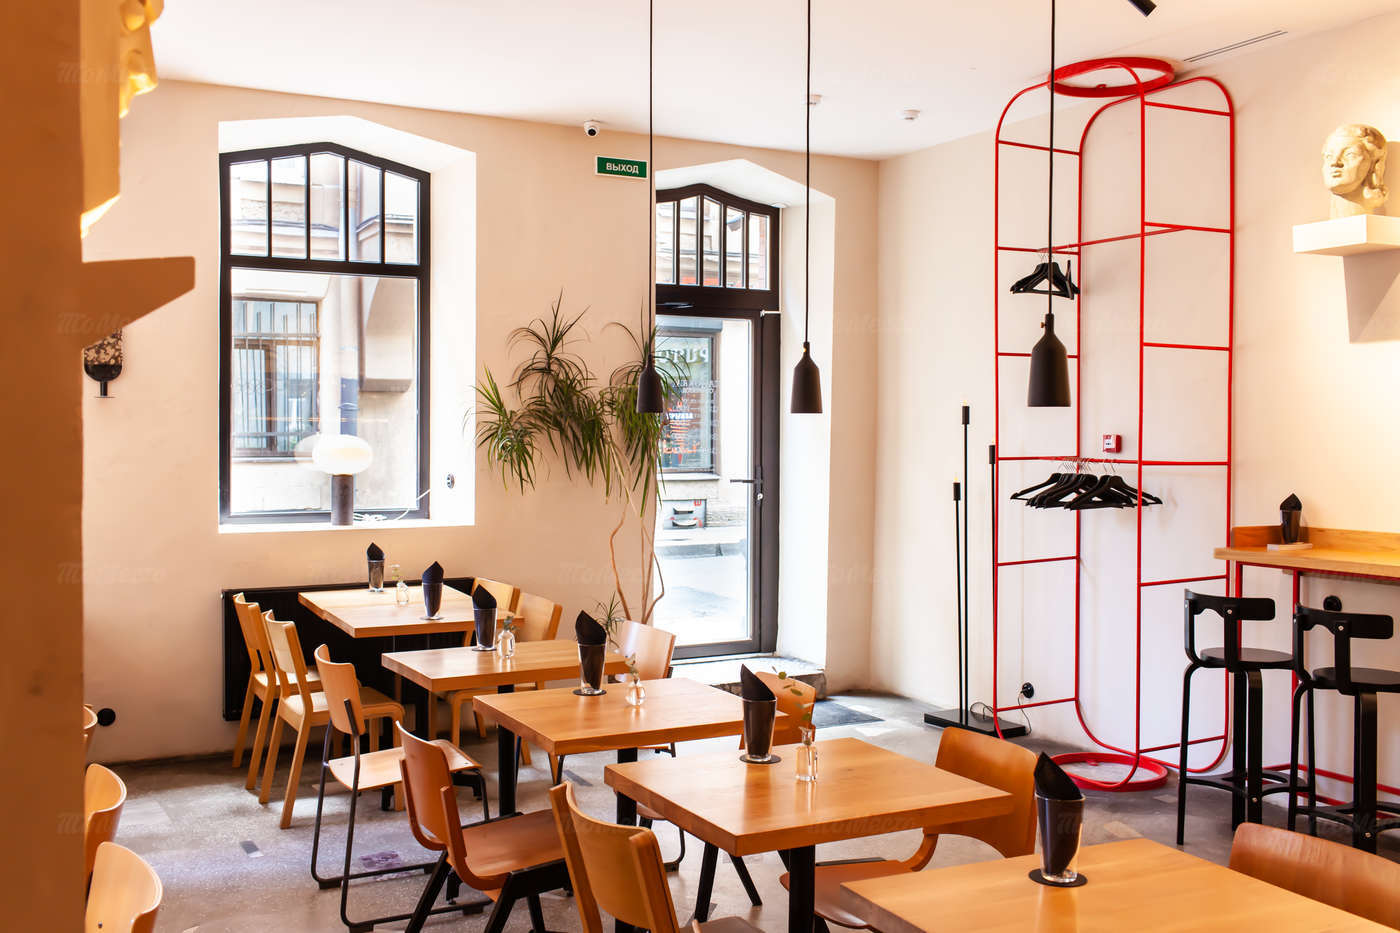 Банкеты ресторана Camorra Chimerica на Малом проспекте П.С. фото 5